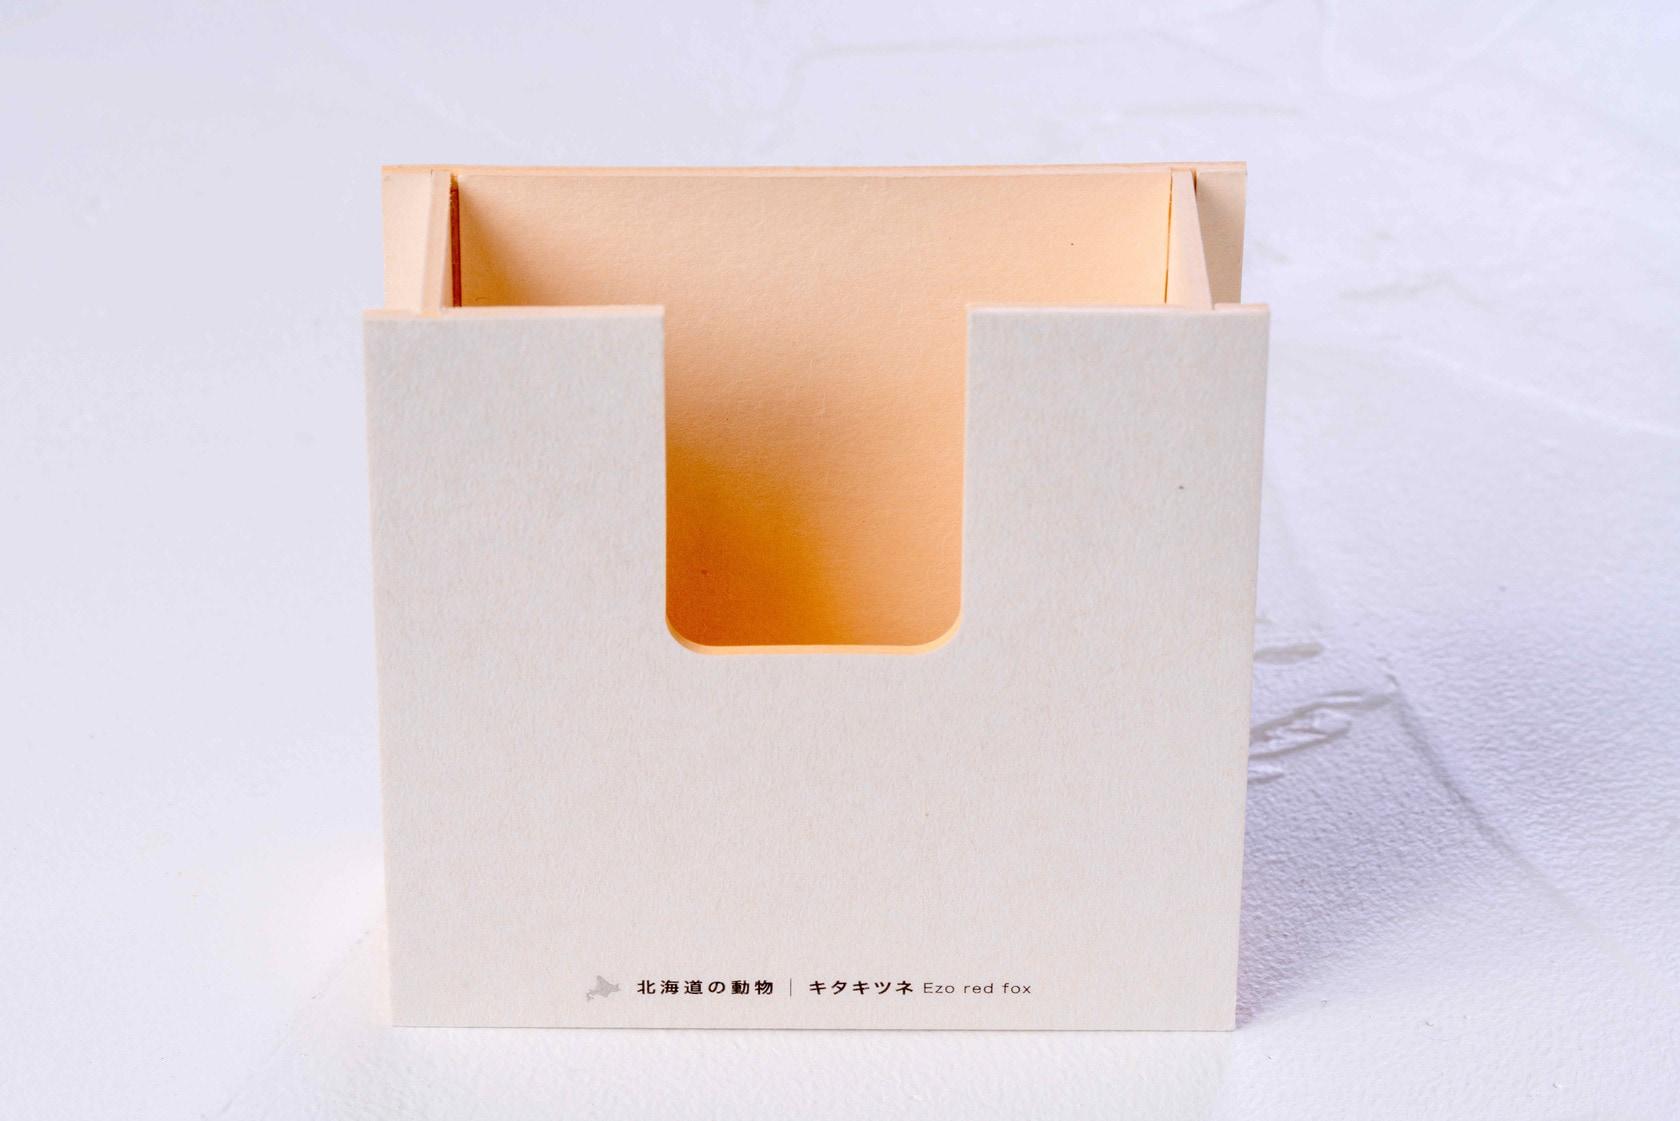 牛乳パックのリサイクル再生紙ミルクラフトで作ったモリタの紙箱